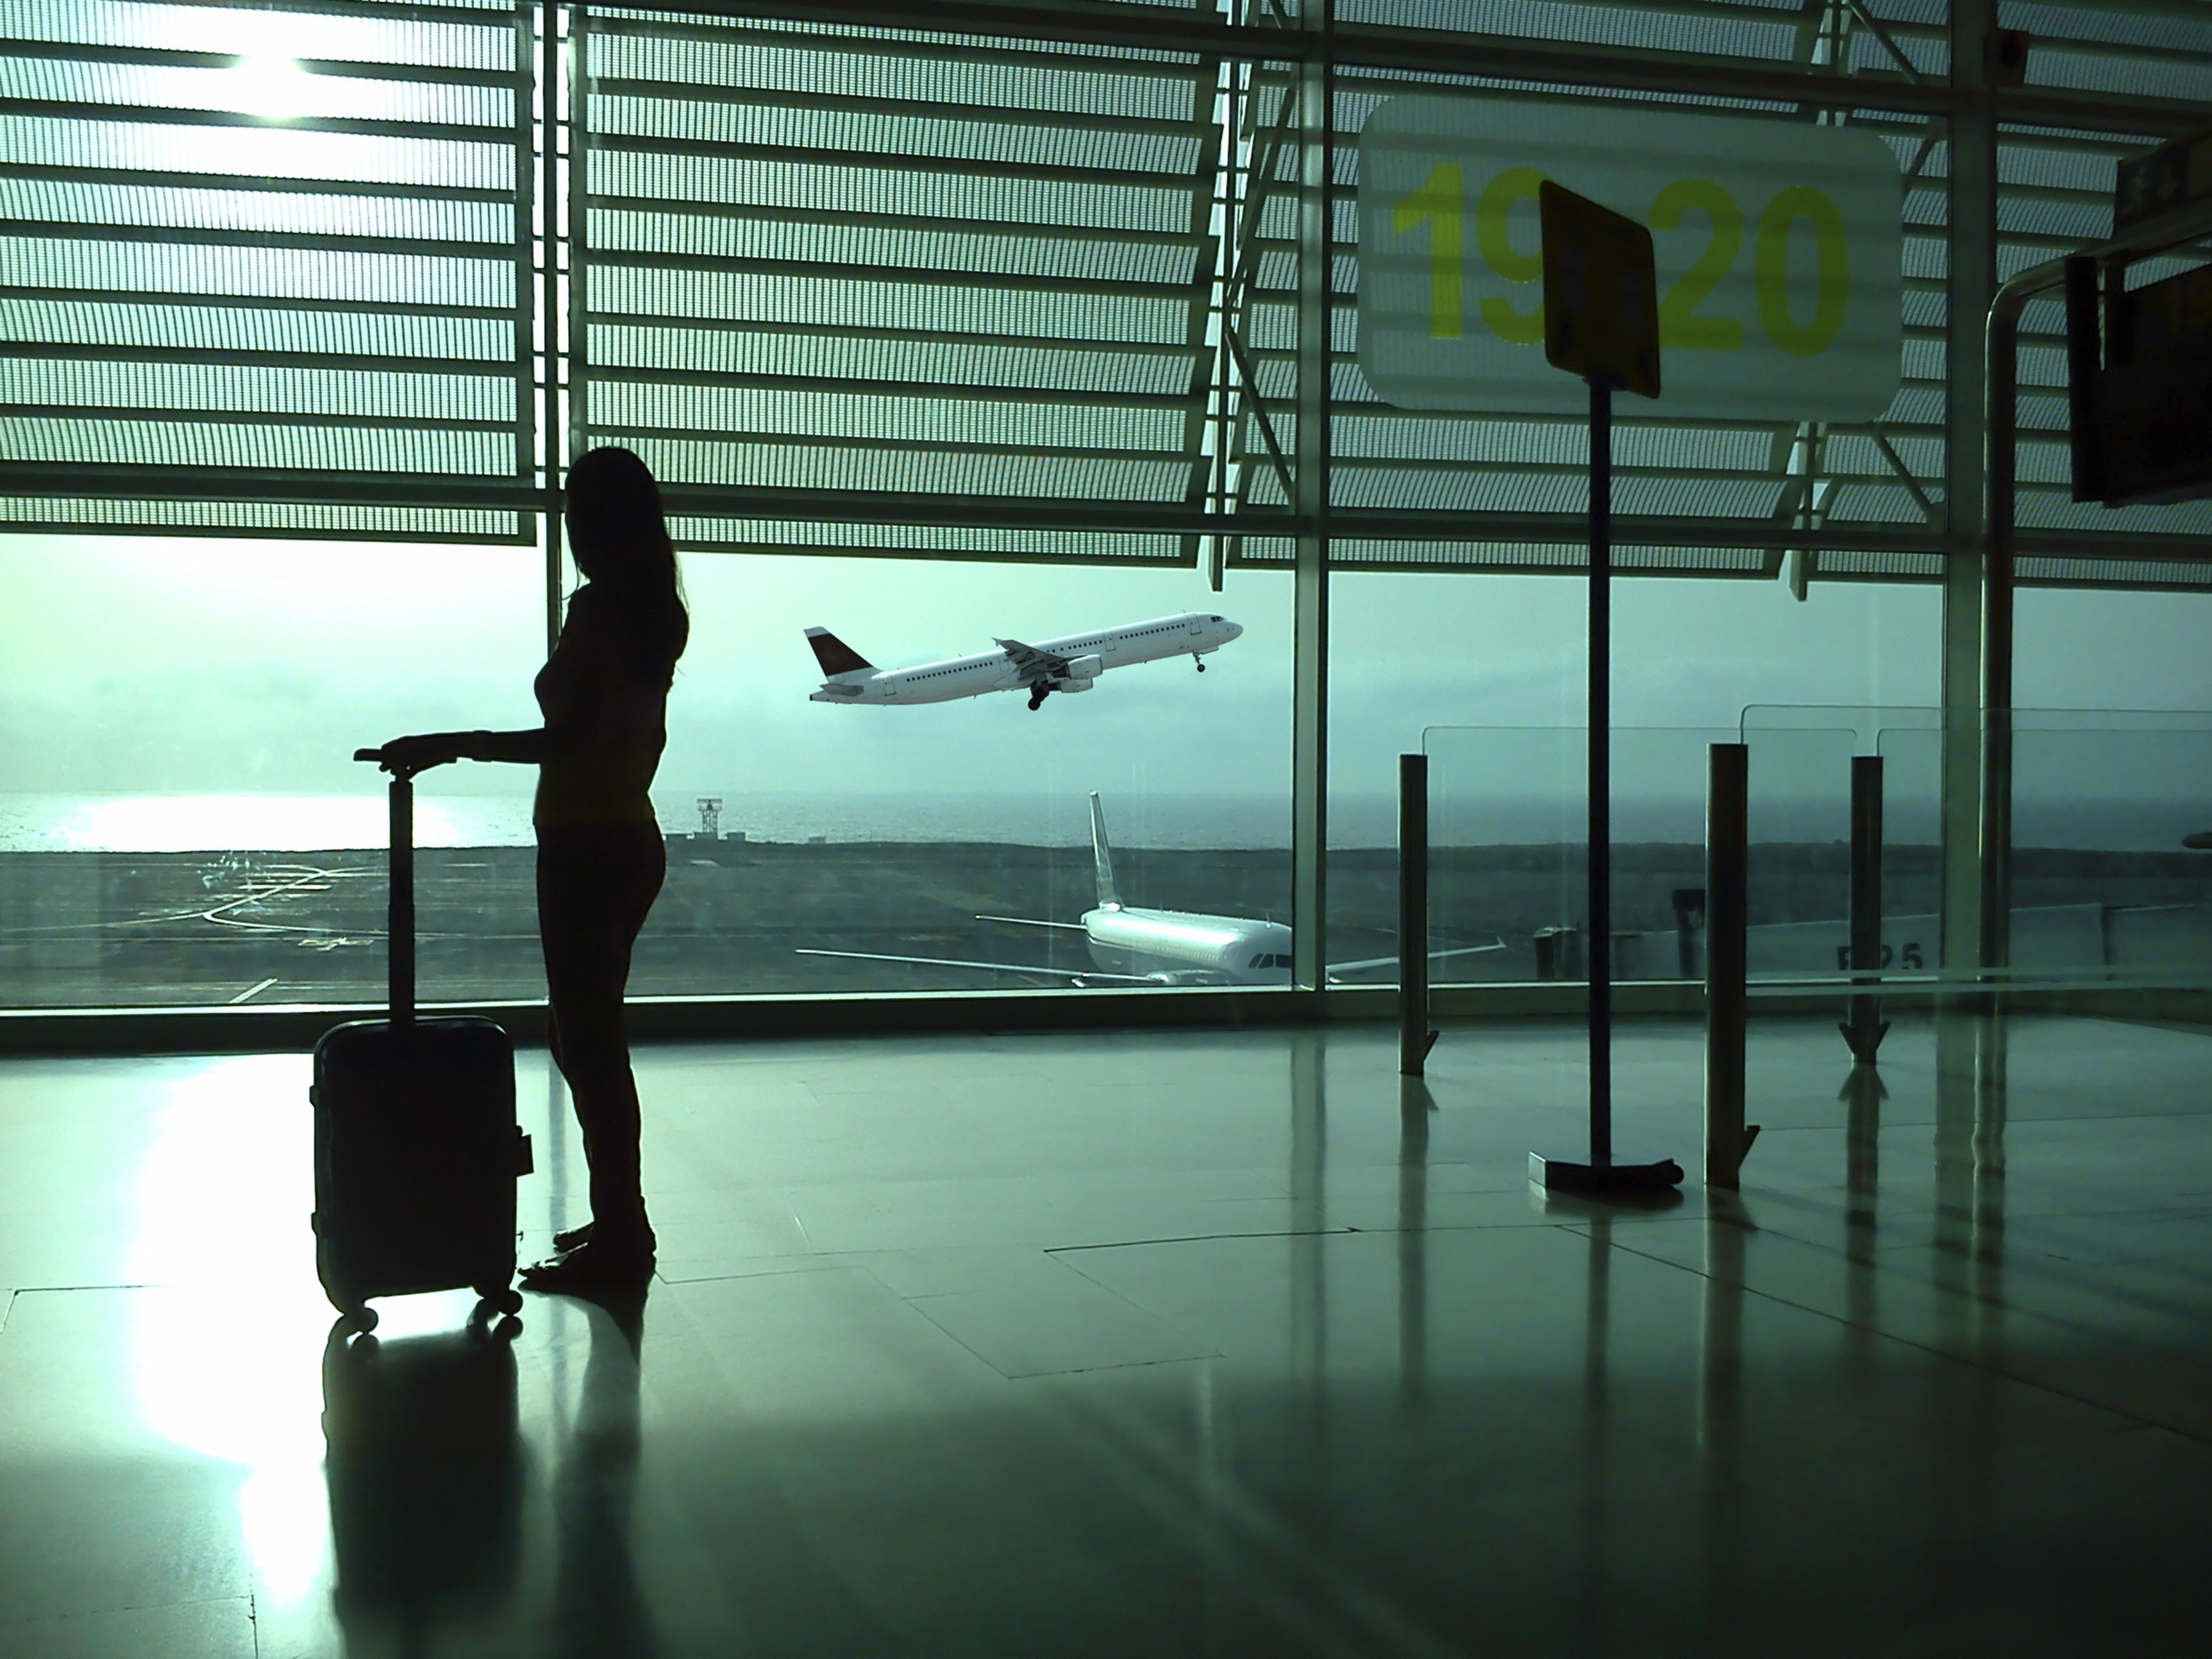 Rimborso per ritardo aereo e volo cancellato: le dritte per ottenerlo su Claim It